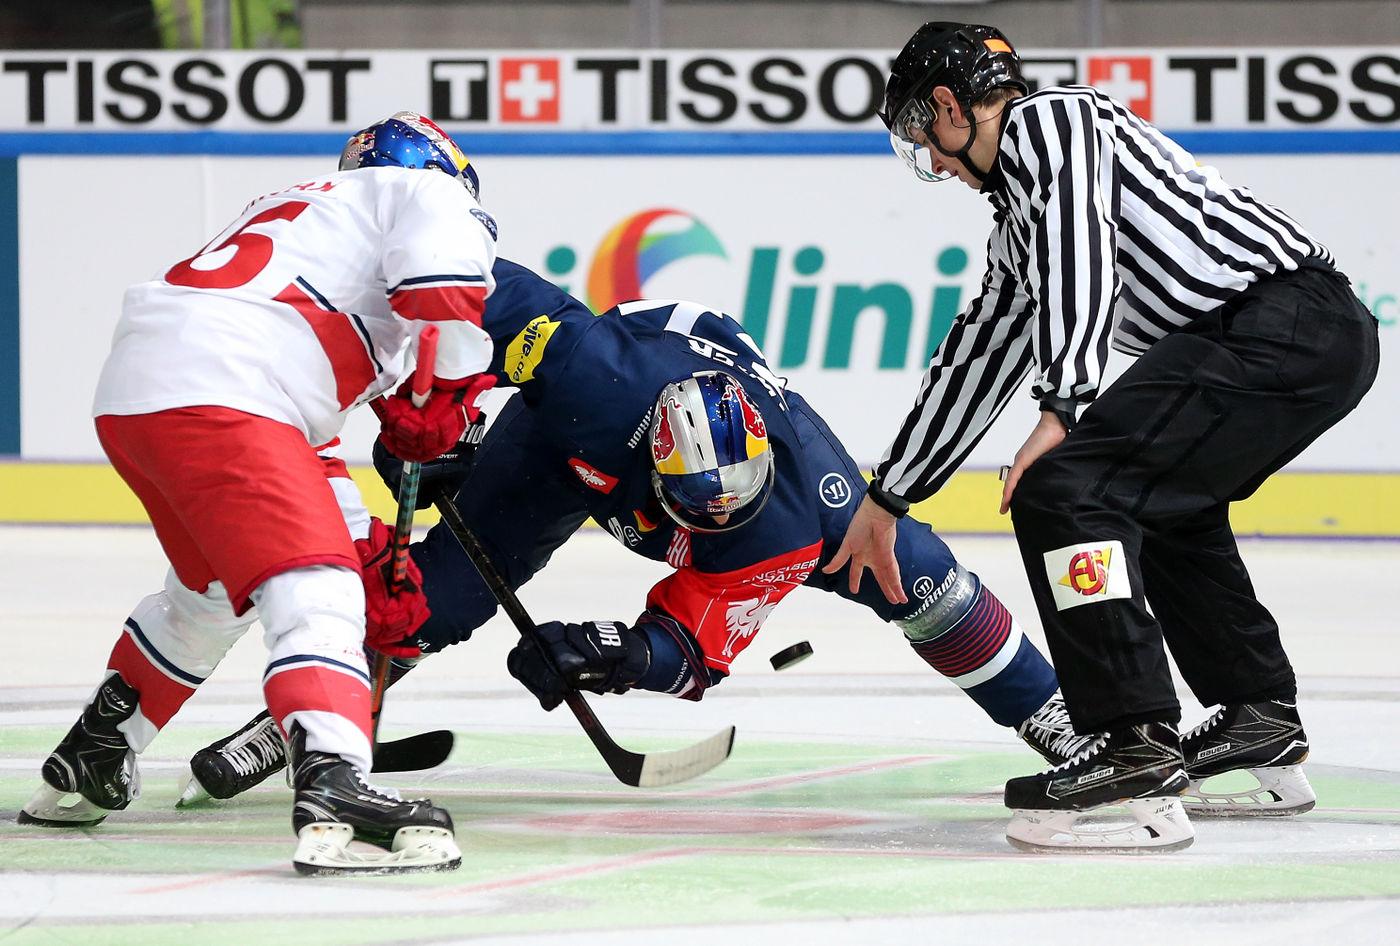 Eishockeyspiel München